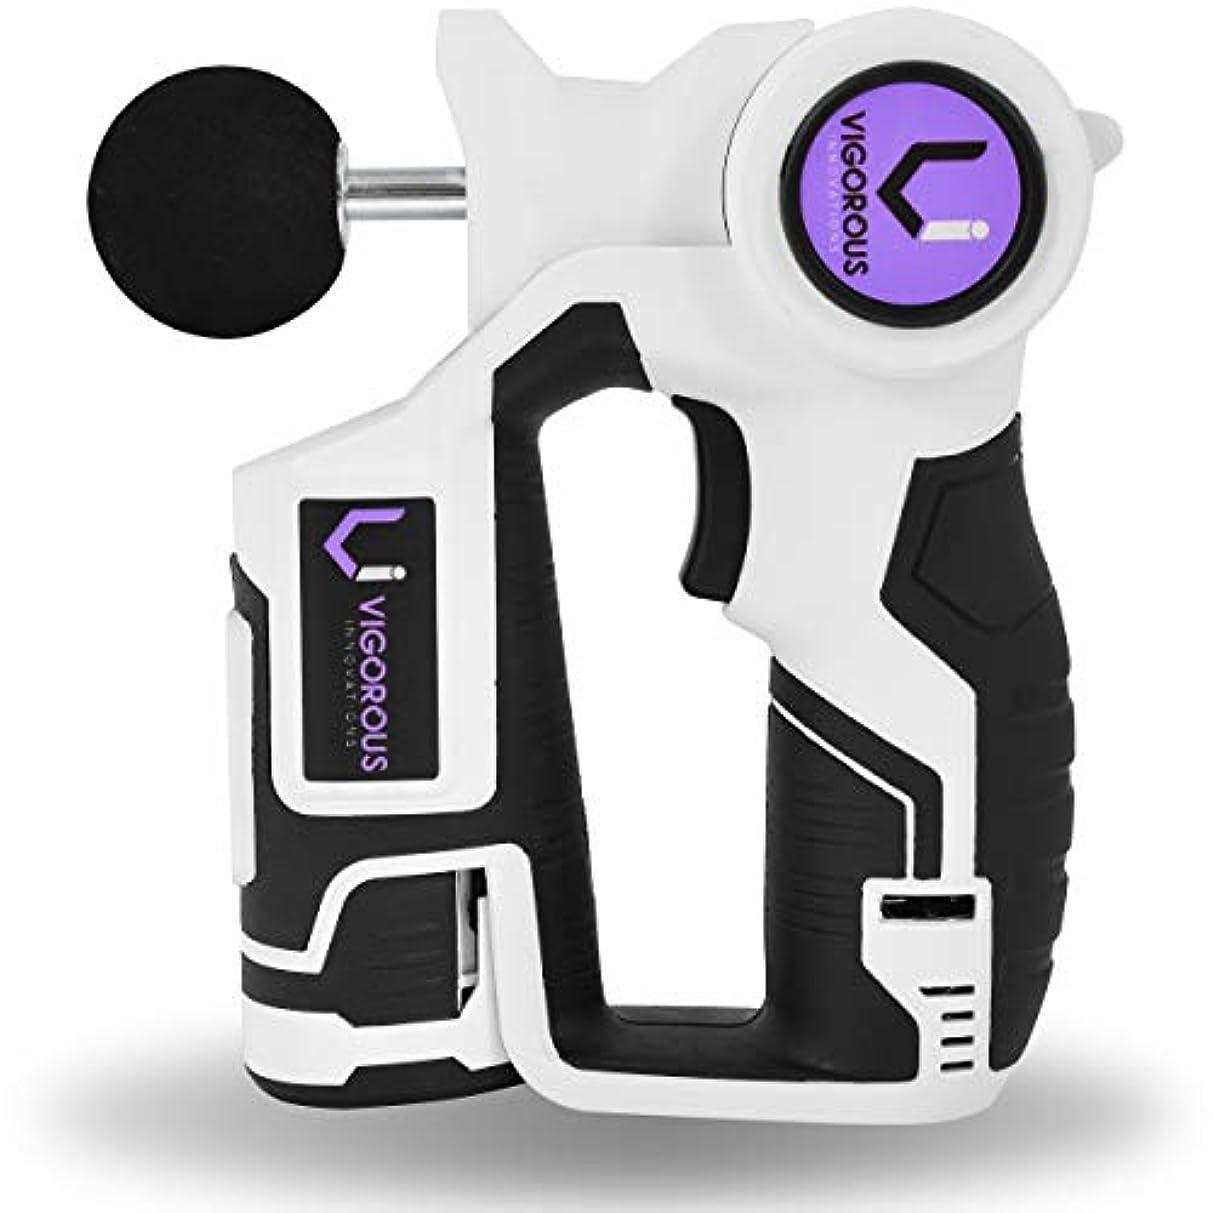 同様に小川銀行ジグソー マッサージガン アスリート用 Jigsaw Massage Gun for Athletes - 2 Long Lasting Batteries w/Percussion Deep Tissue Massager...